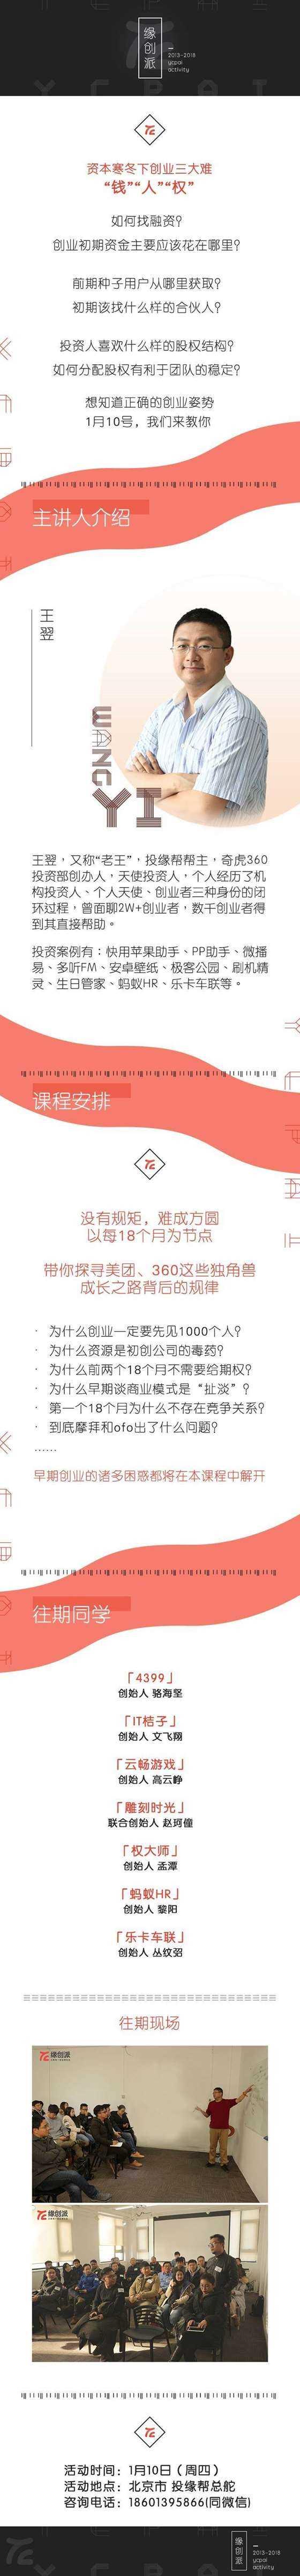 北京场-课程长图01.10(无活动行版).jpg